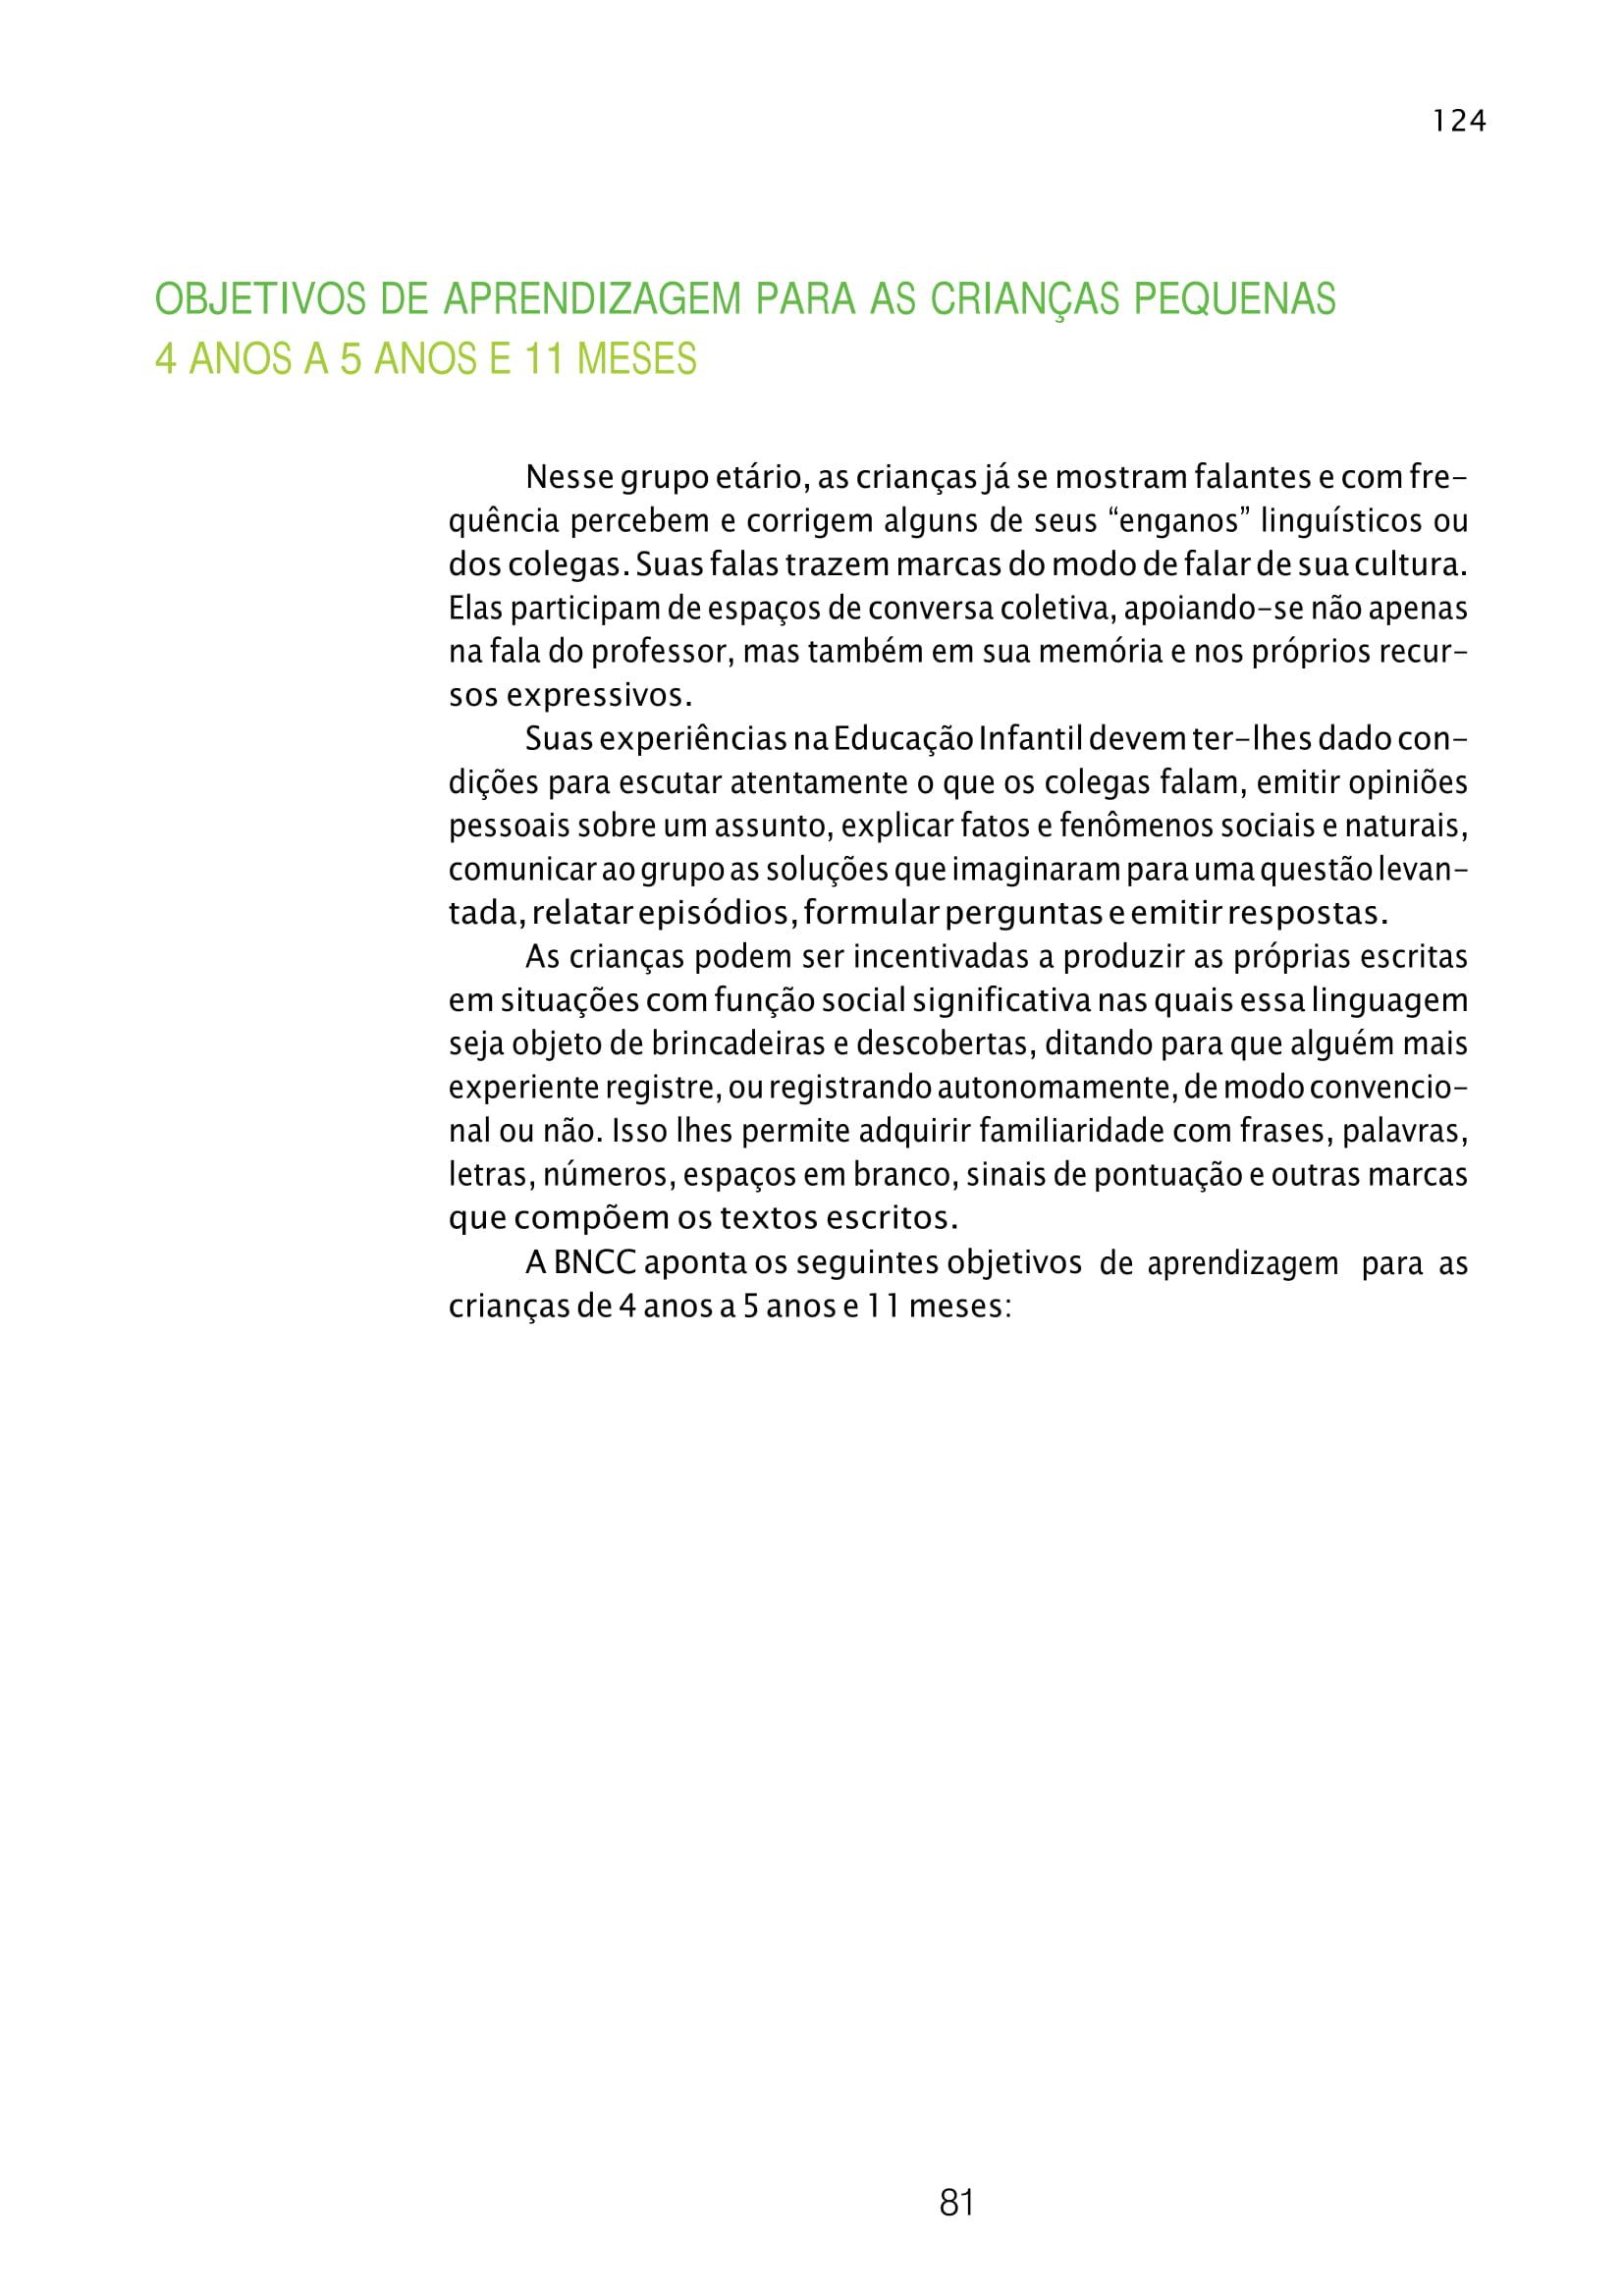 planejamento-educação-infantil-bncc-geral-154